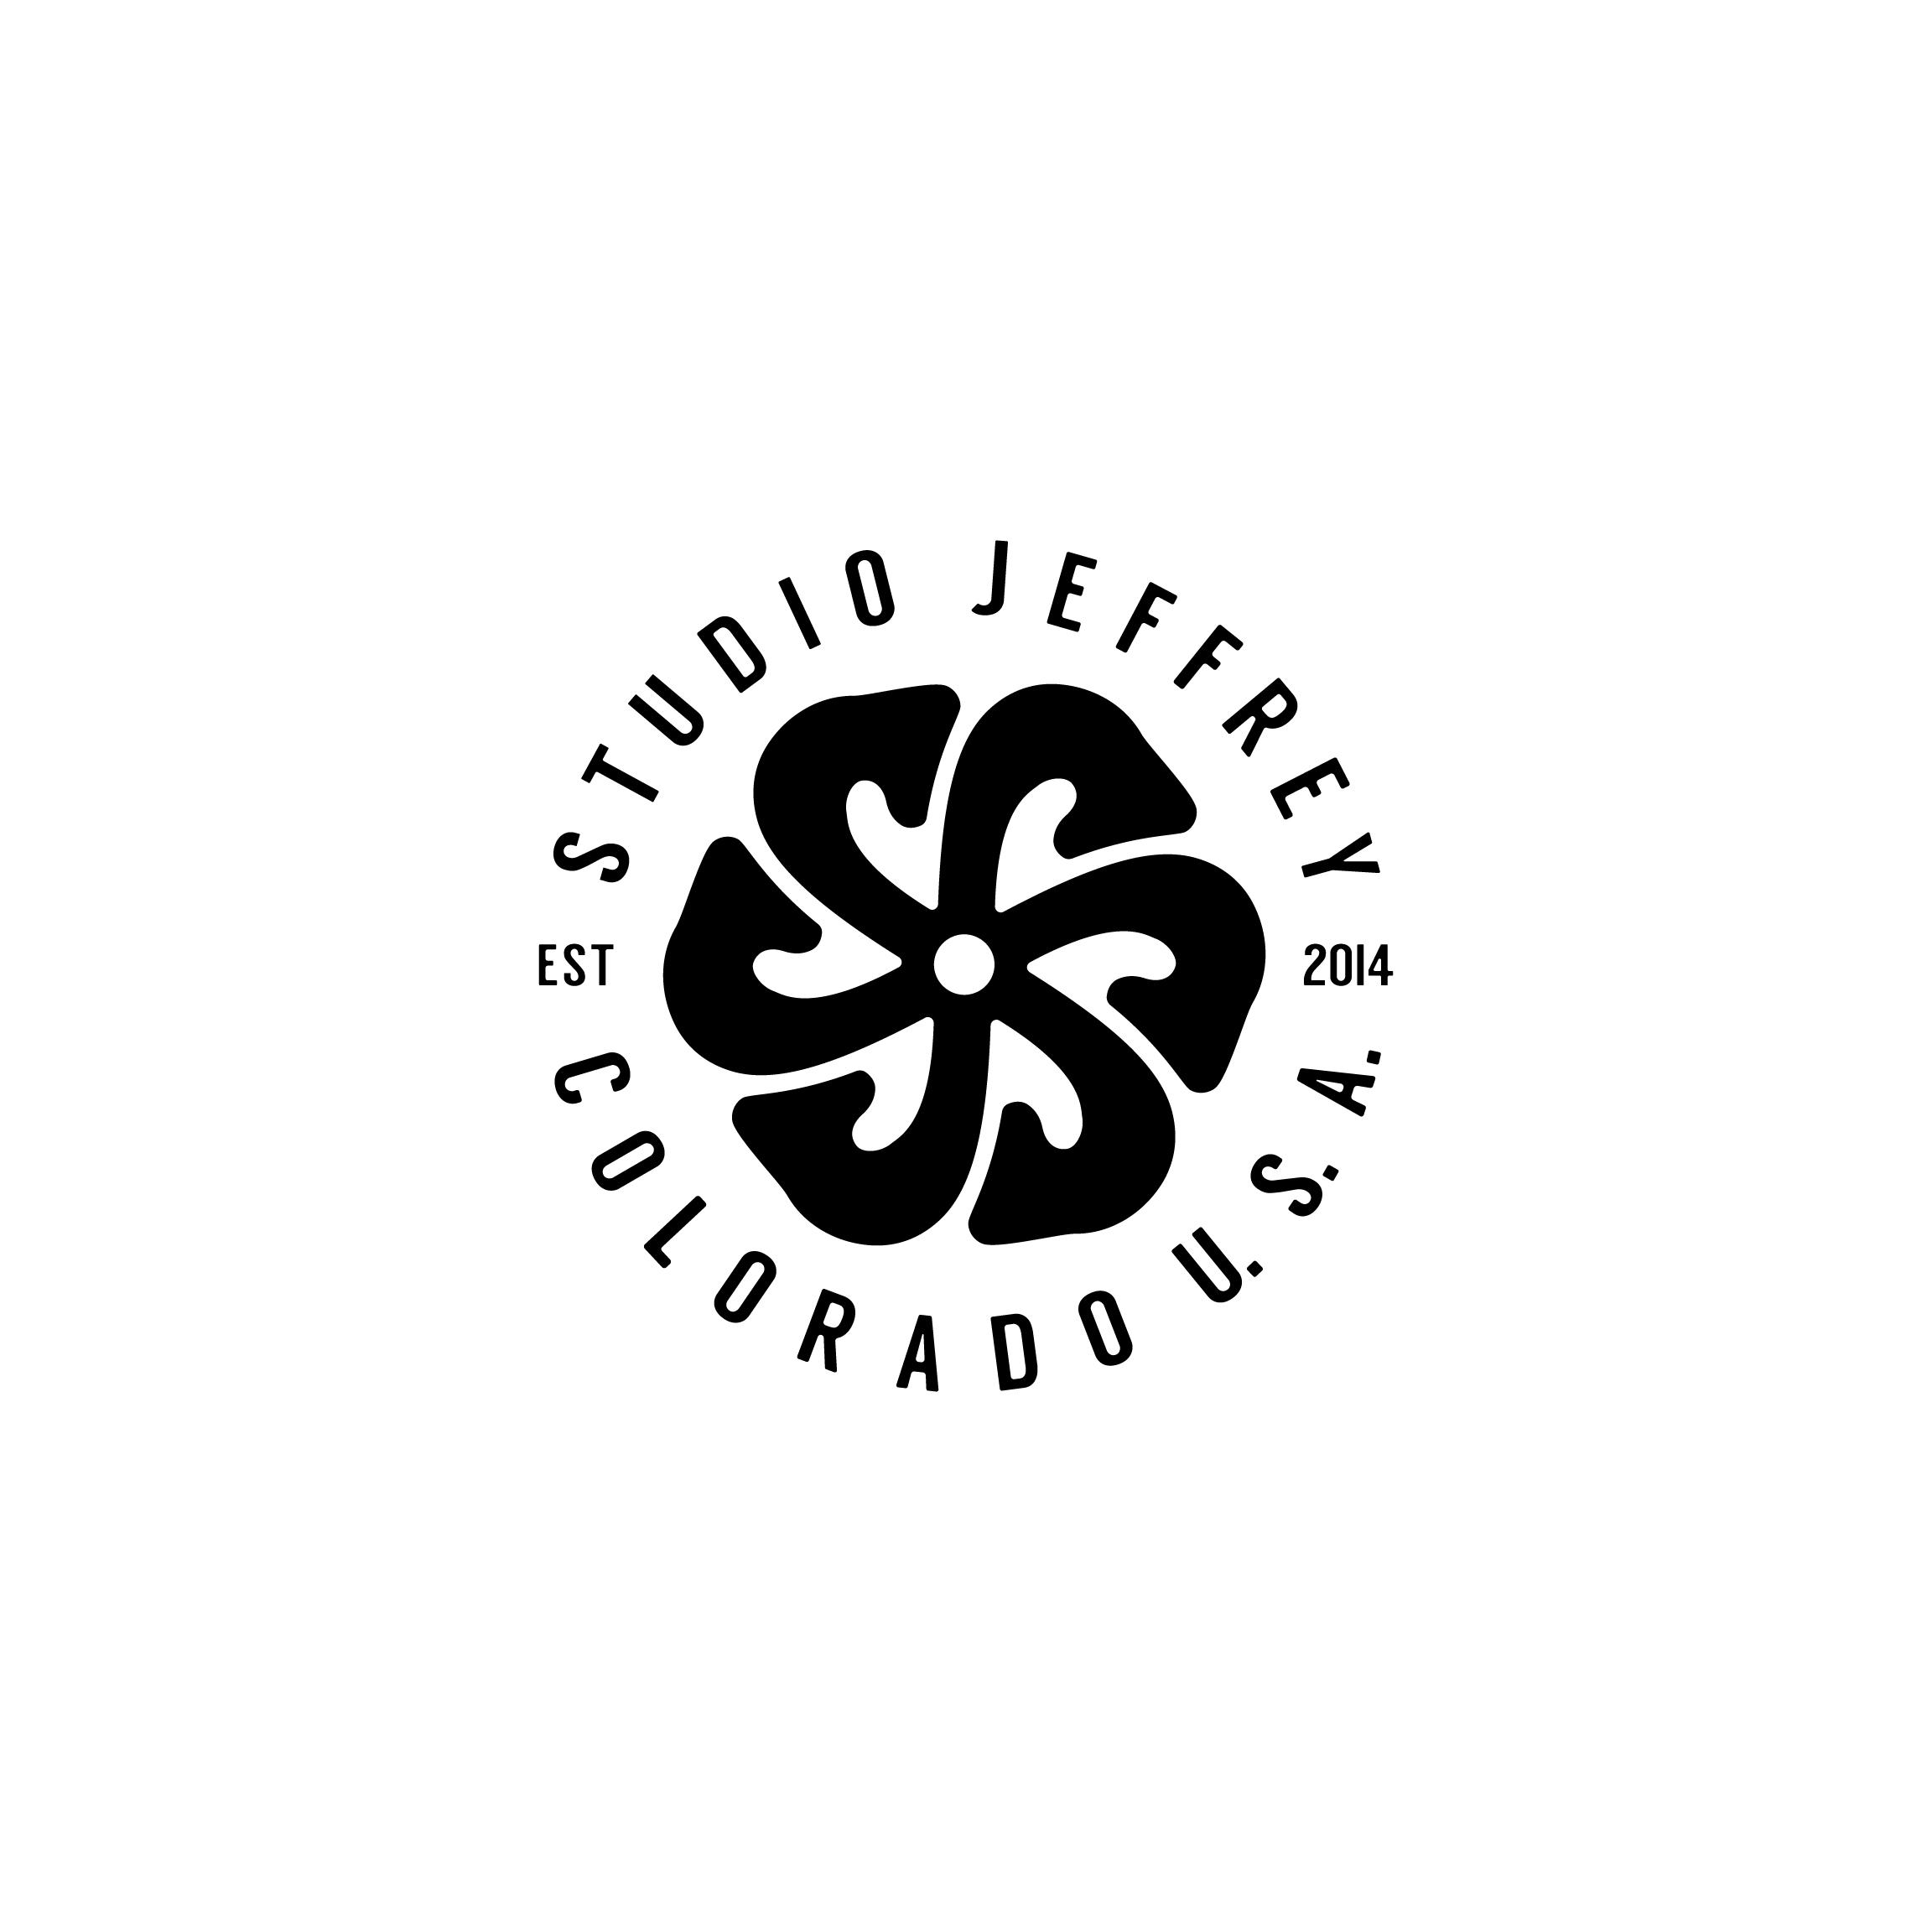 StudioJeffrey_Alt_Identity